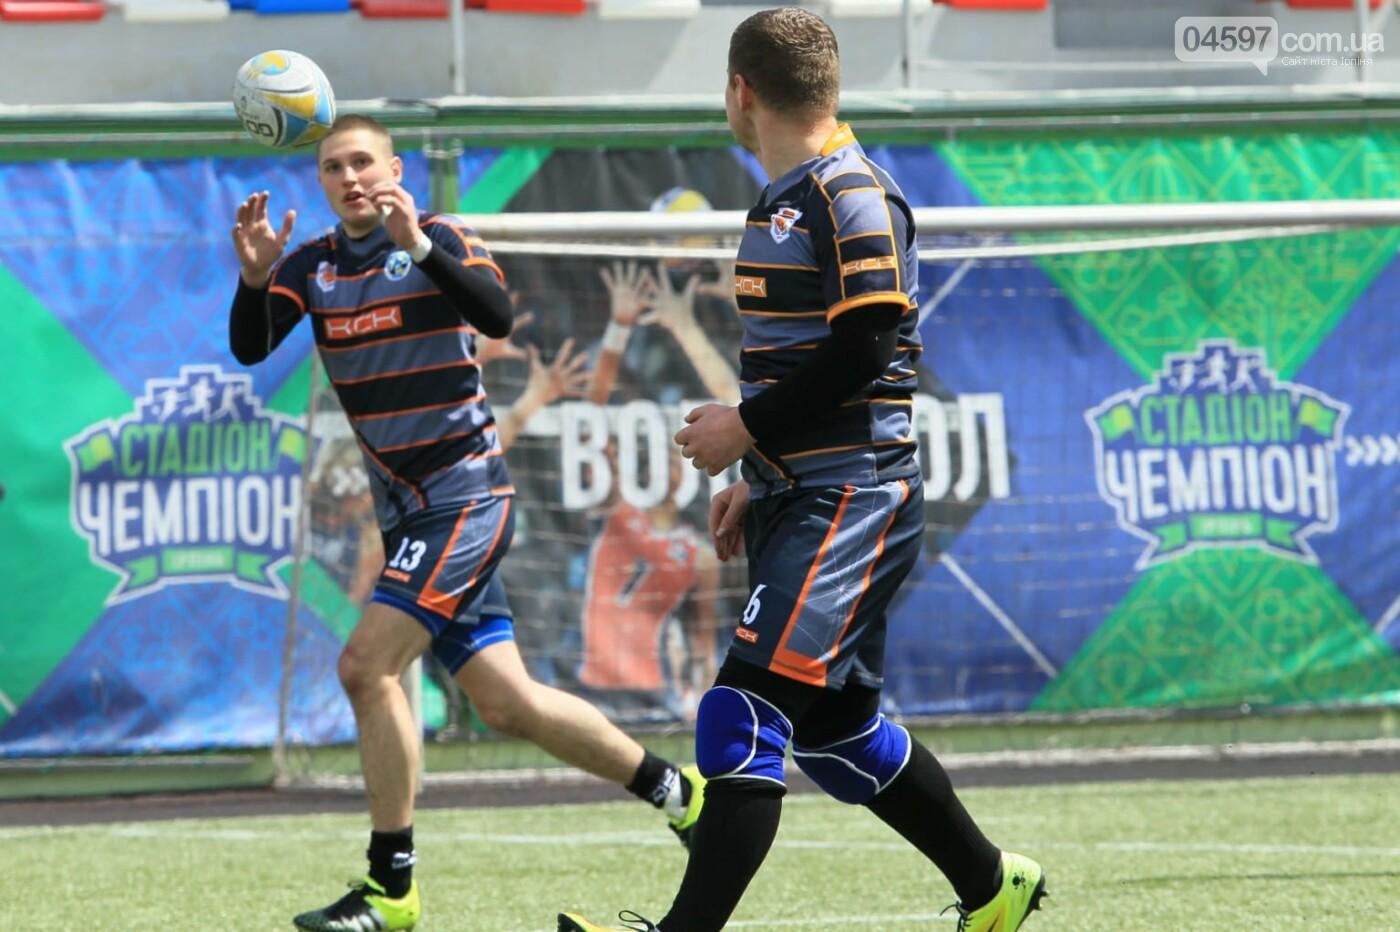 Ірпінчани здобули перемогу в першому турі чемпіонату України з регбі-7 серед юніорів , фото-2